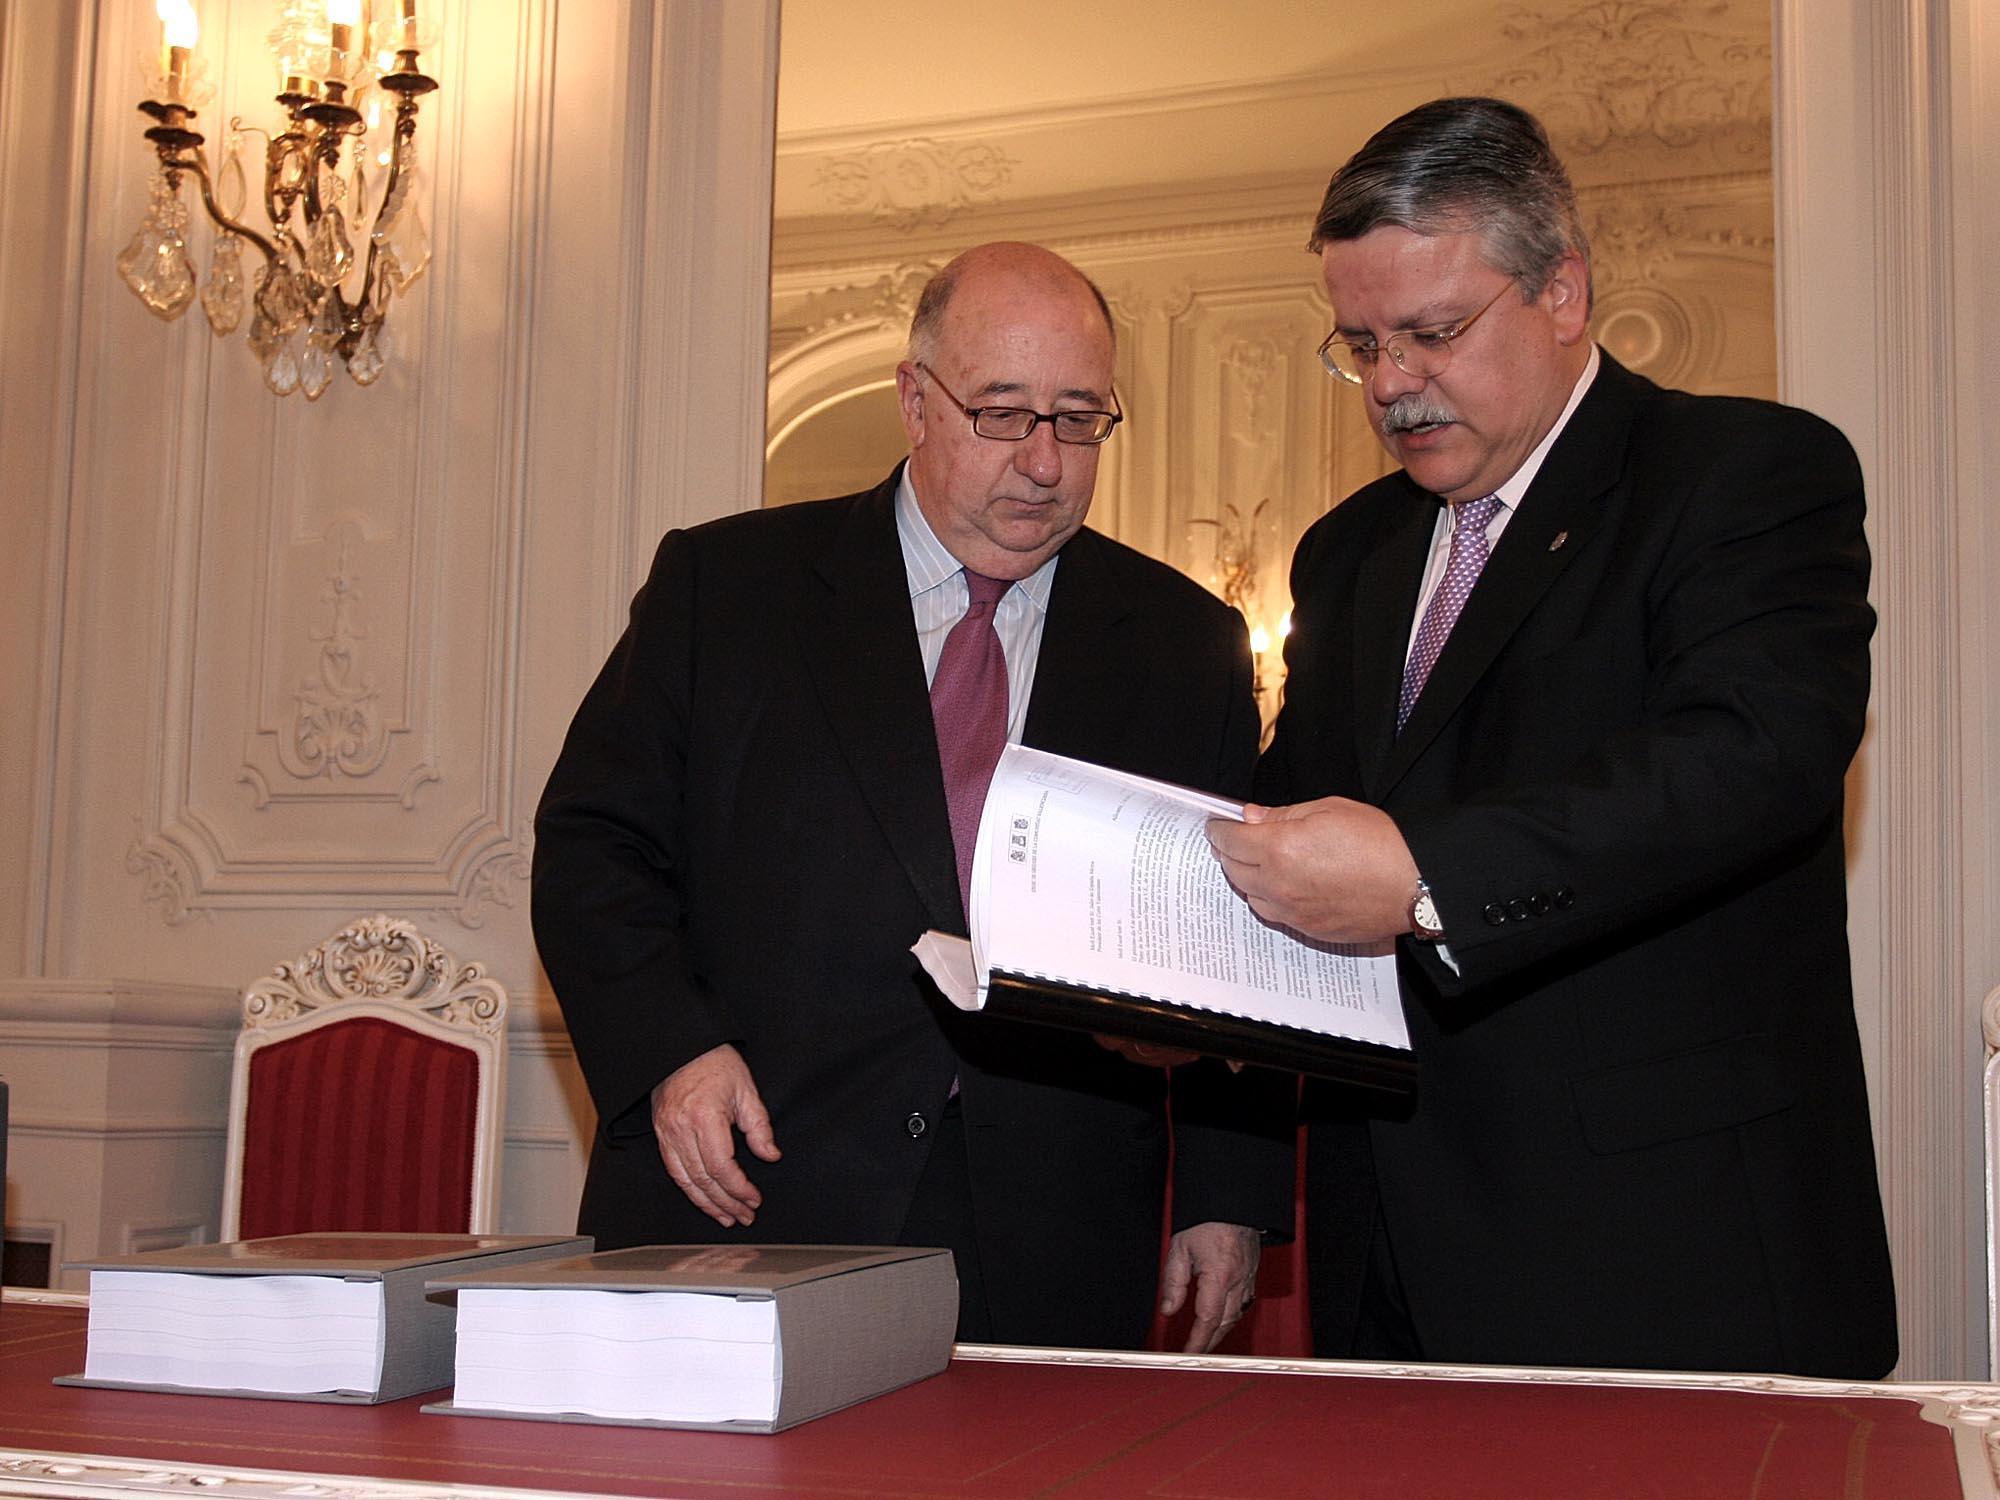 El síndic entrega al presidente de  las Cortes el Informe Anual 2005 y el Balance de Gestión de esta Institución durante el mandato 2001-2006